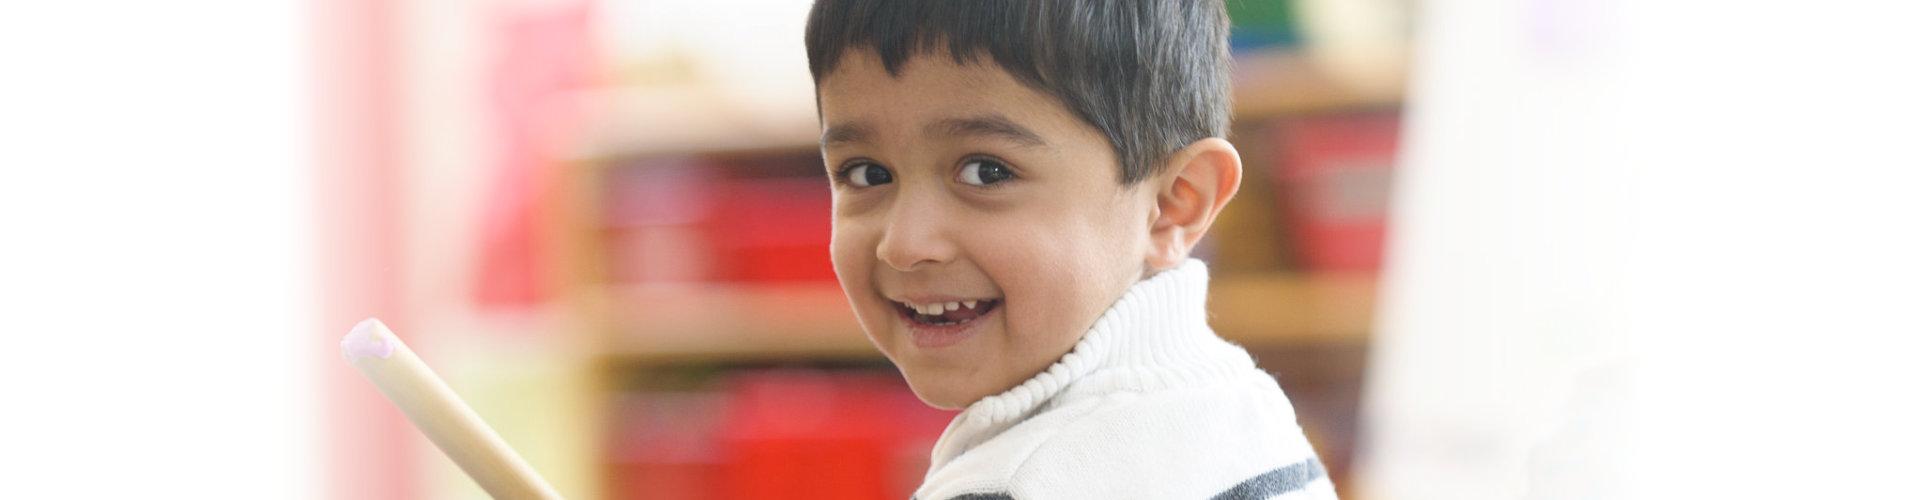 Kid smiling at the camera